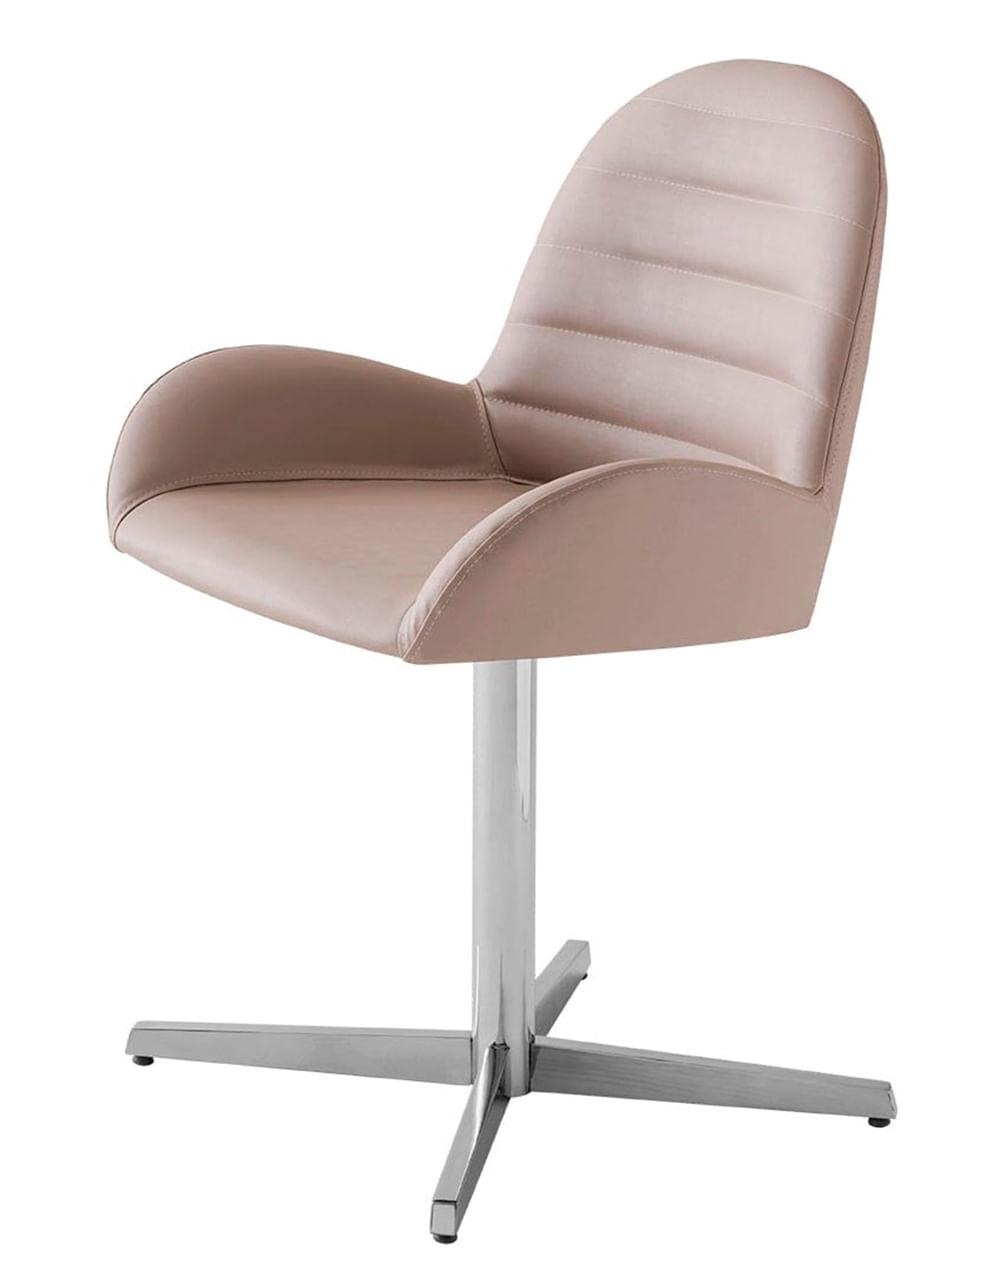 Cadeira Arm Assento Estofado Dunas Fendi com Base Aranha em Aluminio - 46908